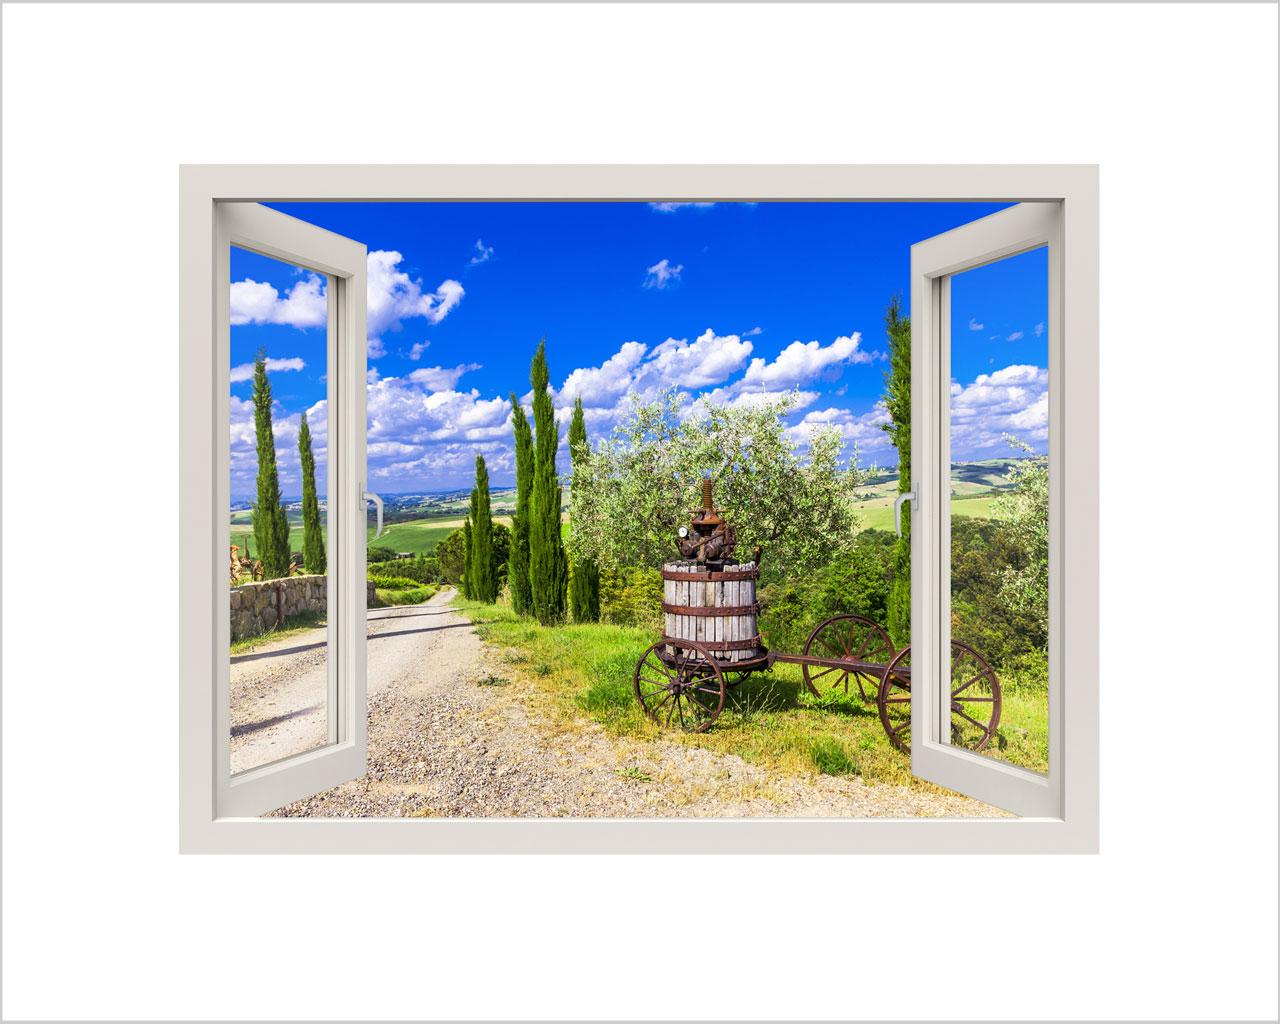 Viale di campagna natura finestra illusione interni - Adesivi per finestre ...